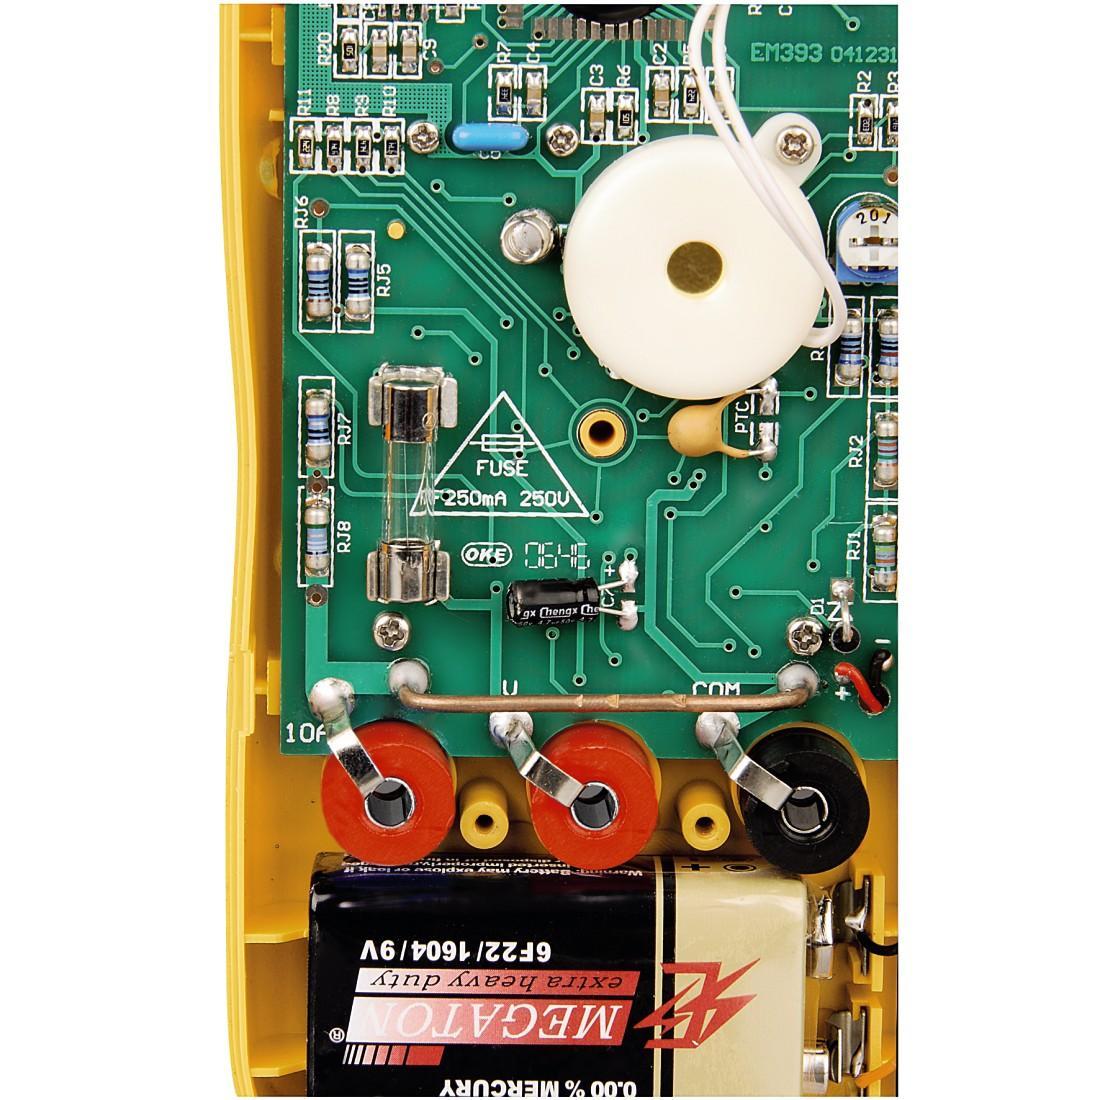 Цифров мултицет HAMA EM393B 81700